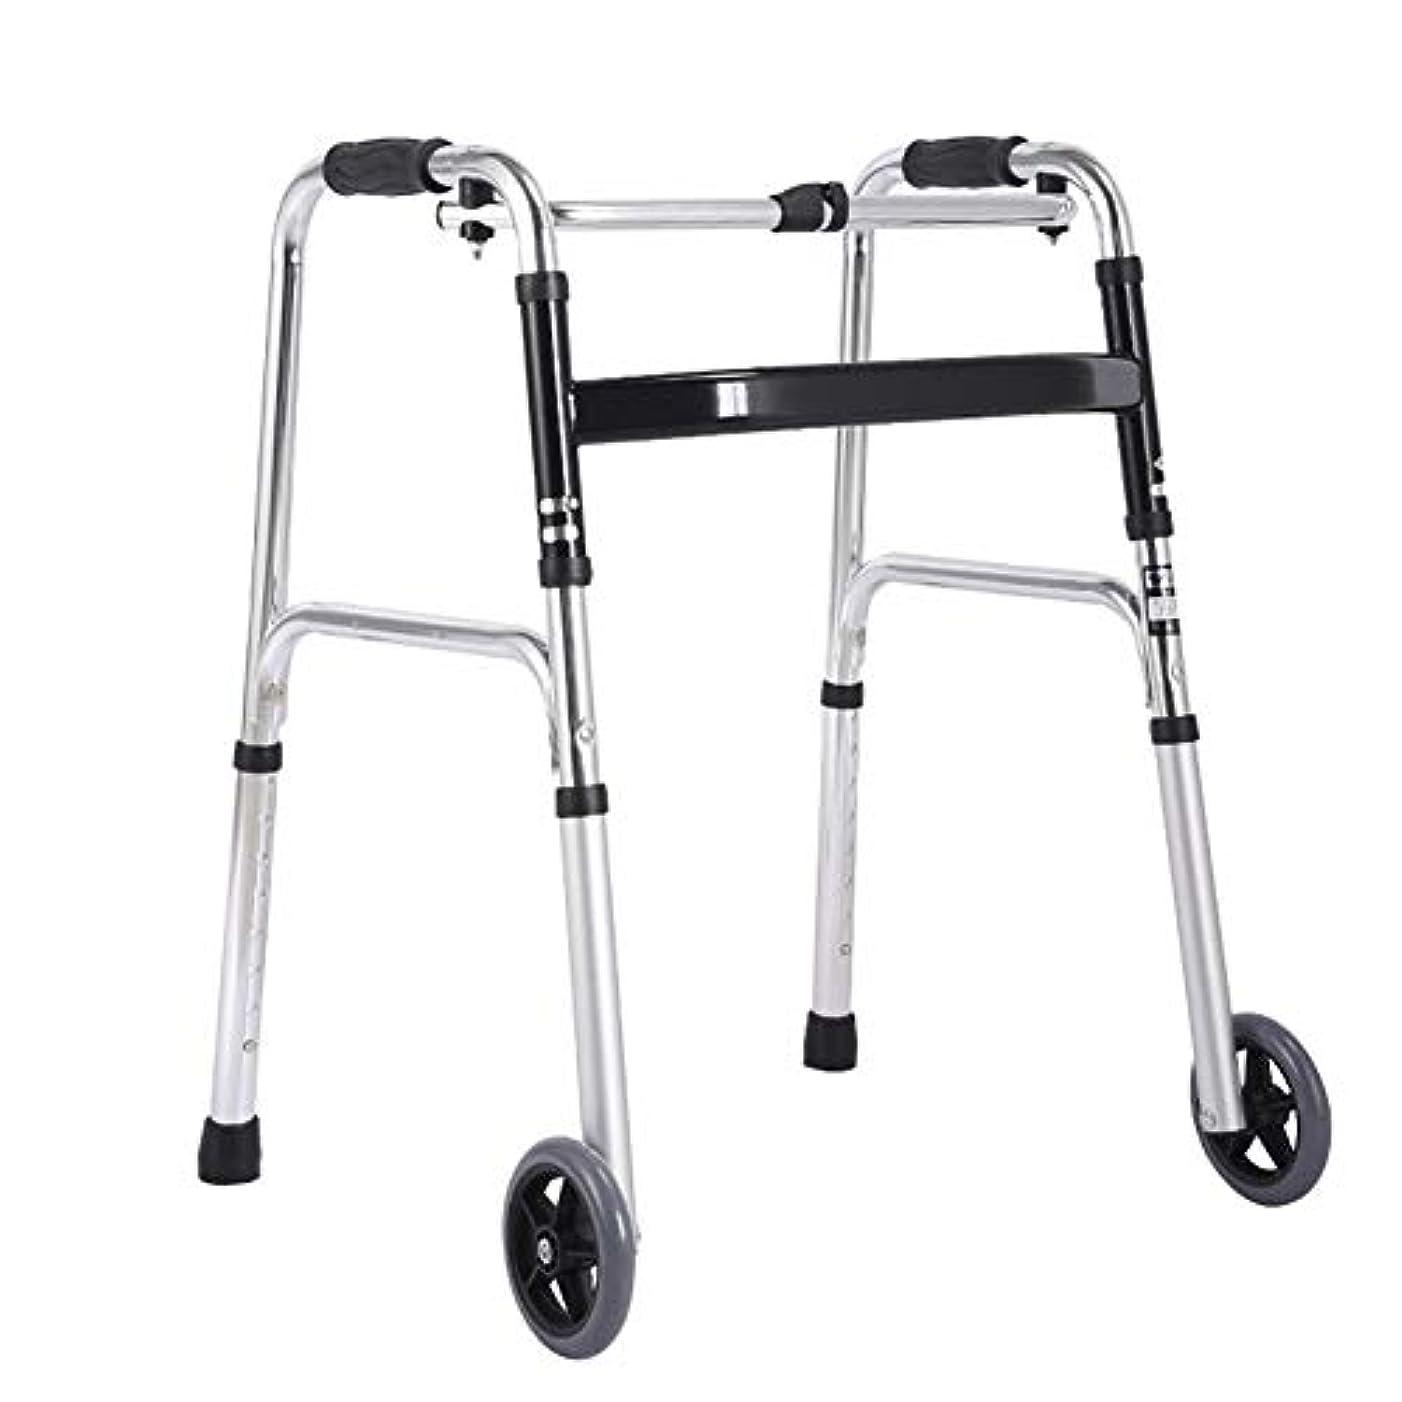 最近邪悪な味わうBNSDMM 步行器 ウォーカー - 高齢者用ウォーカー高齢者用ウォーカー補助ウォーカーウォーキングスタッフチェアスツールトロリー折りたたみ - サイズ:55 * 48 *(69-89)cm